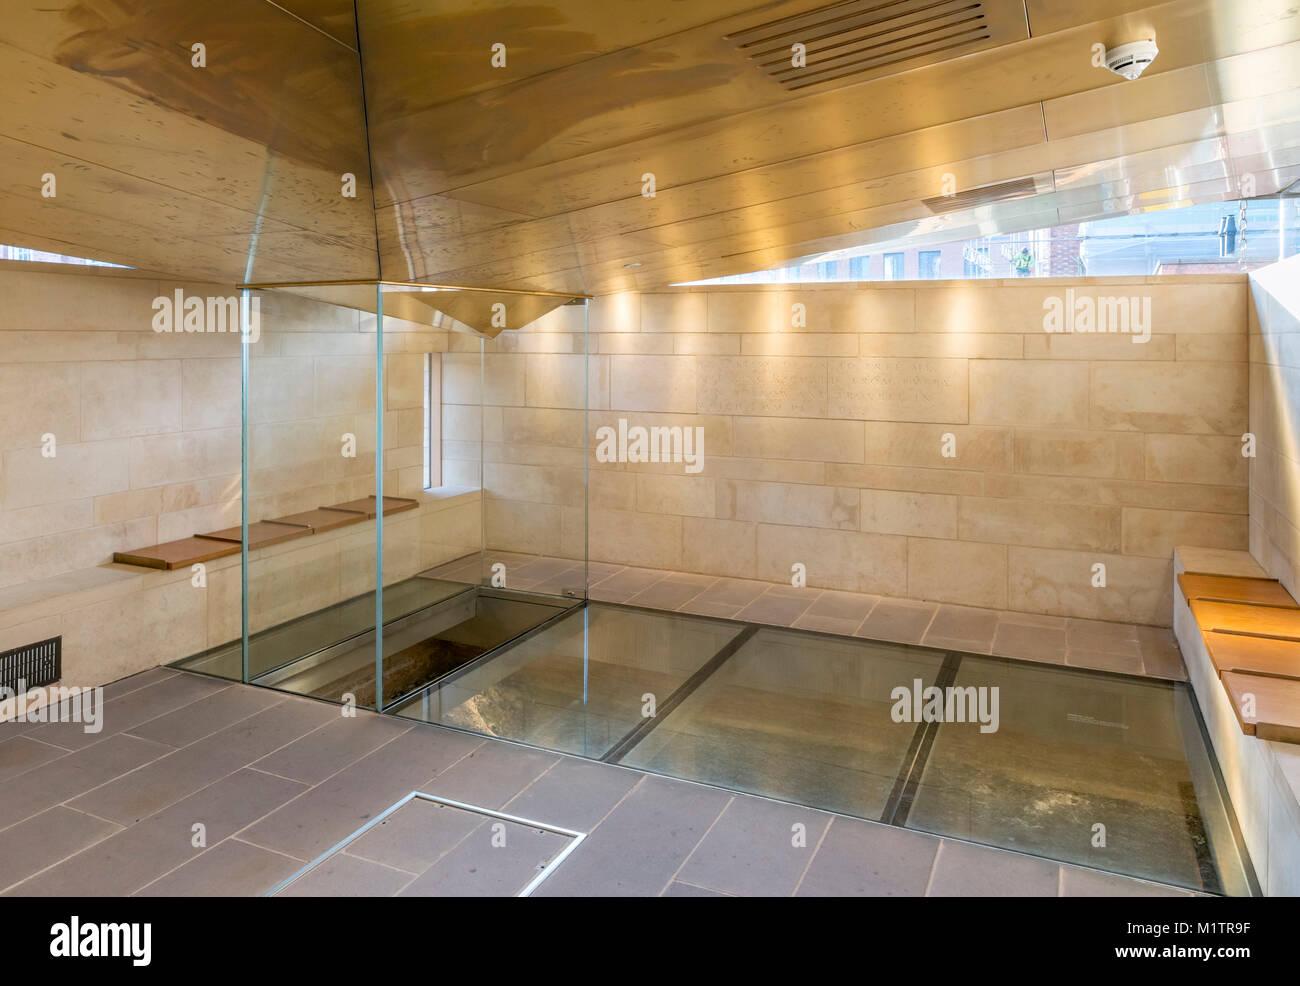 Ort der Entdeckung der Knochen von Richard III. in der King Richard III Visitor Centre, Leicester, England, Großbritannien Stockbild